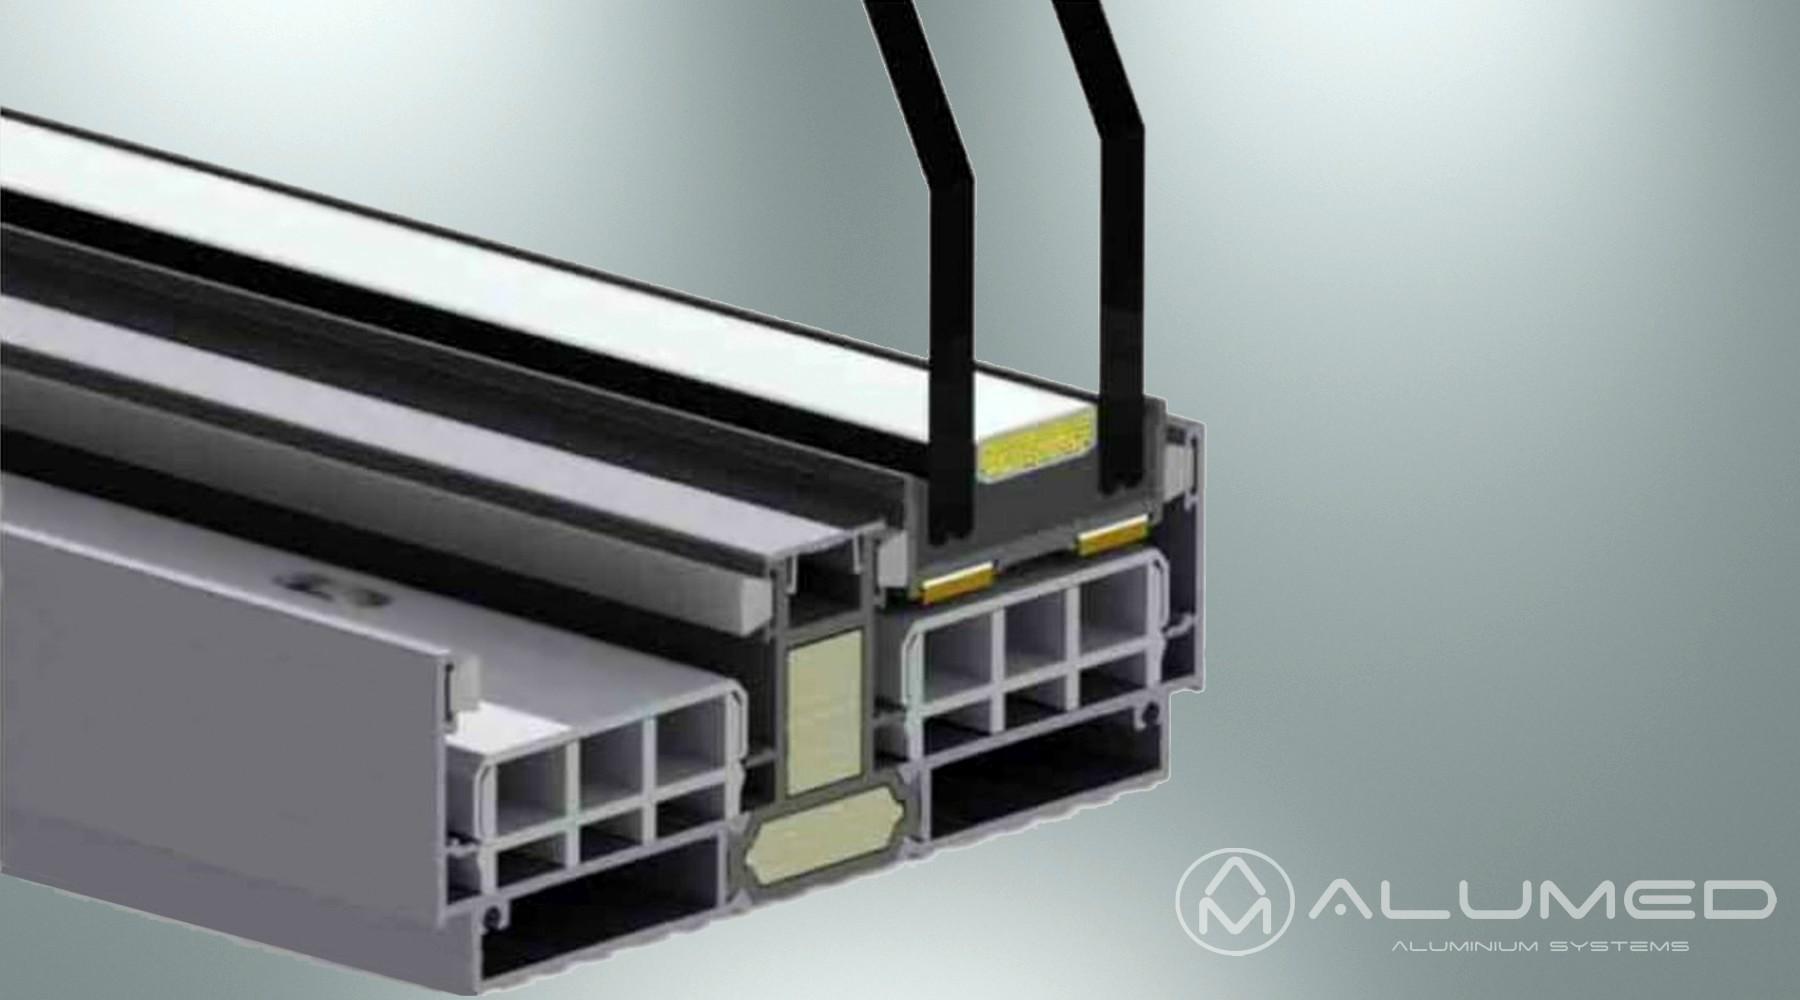 corredera minimalista correderas producto sistemas de aluminio para la construcción alumed alicante